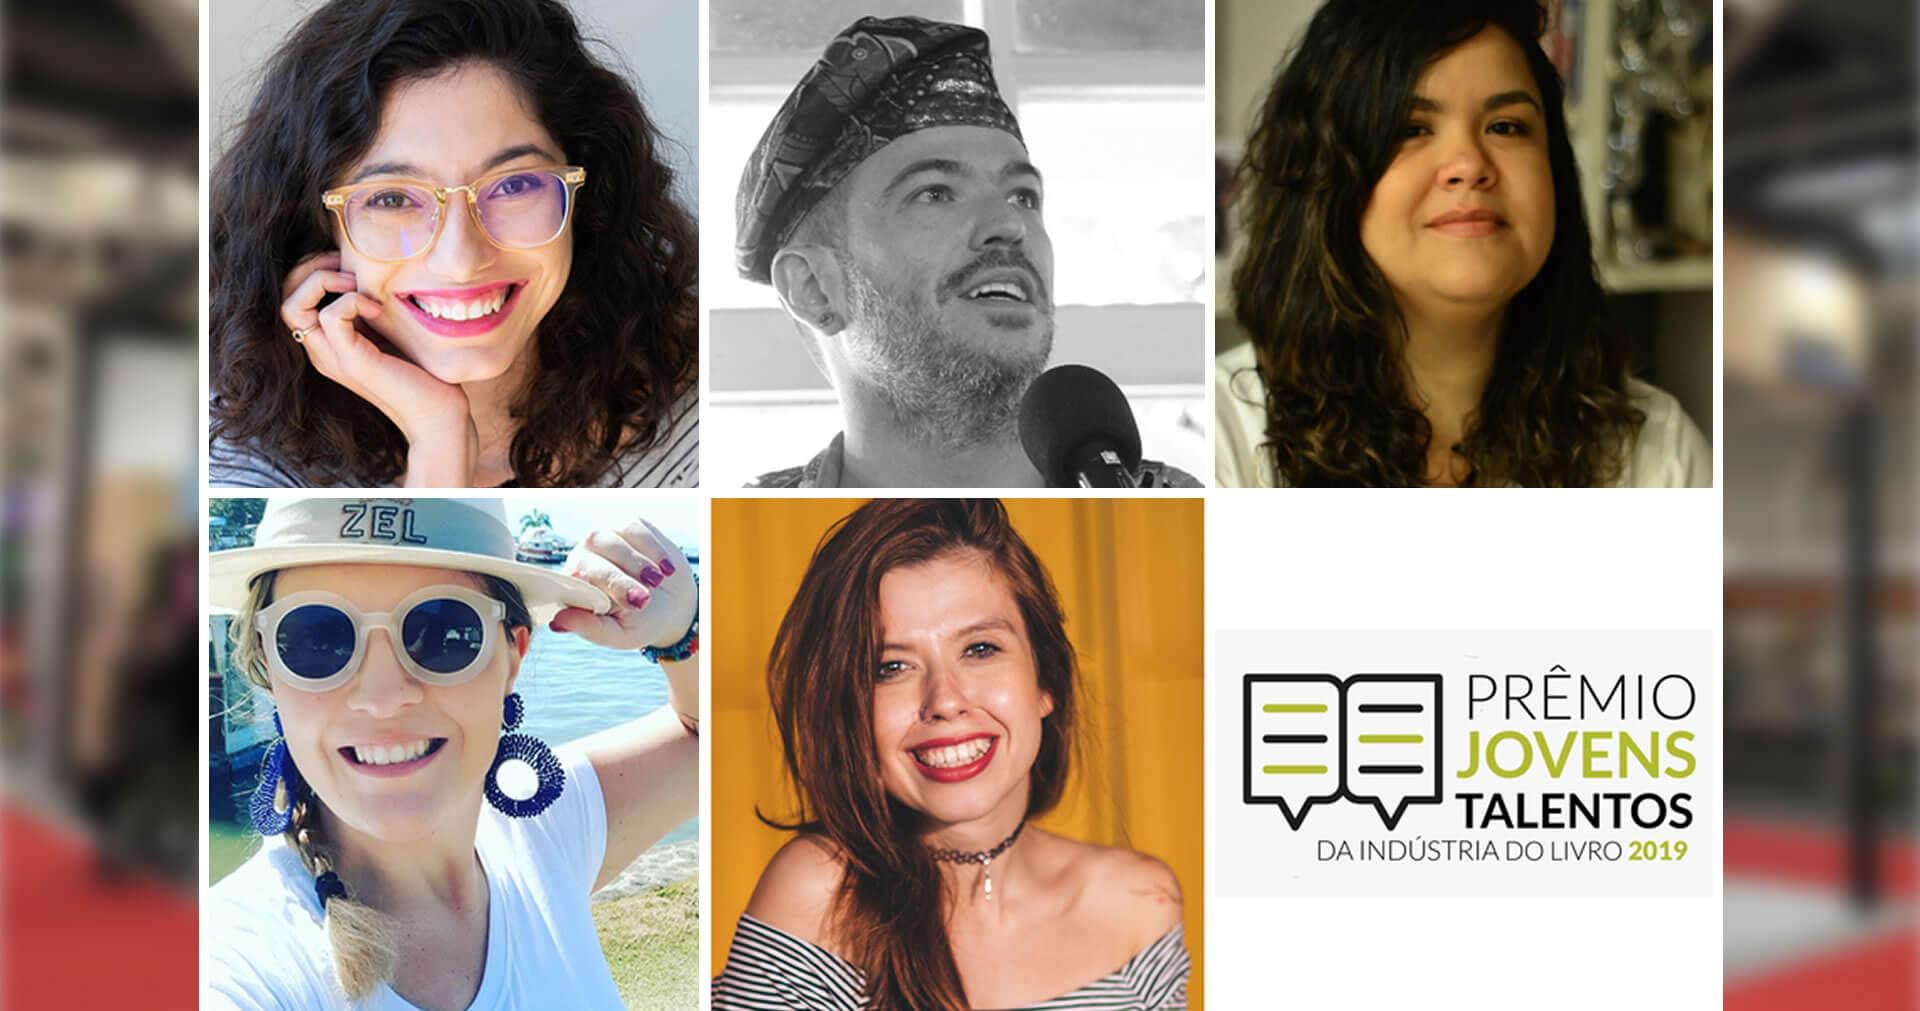 O Poder das Folhas   O Prêmio Jovens Talentos, da PublishNews, apresenta profissionais que representam a renovação do mercado do livro e o futuro dessa indústria.